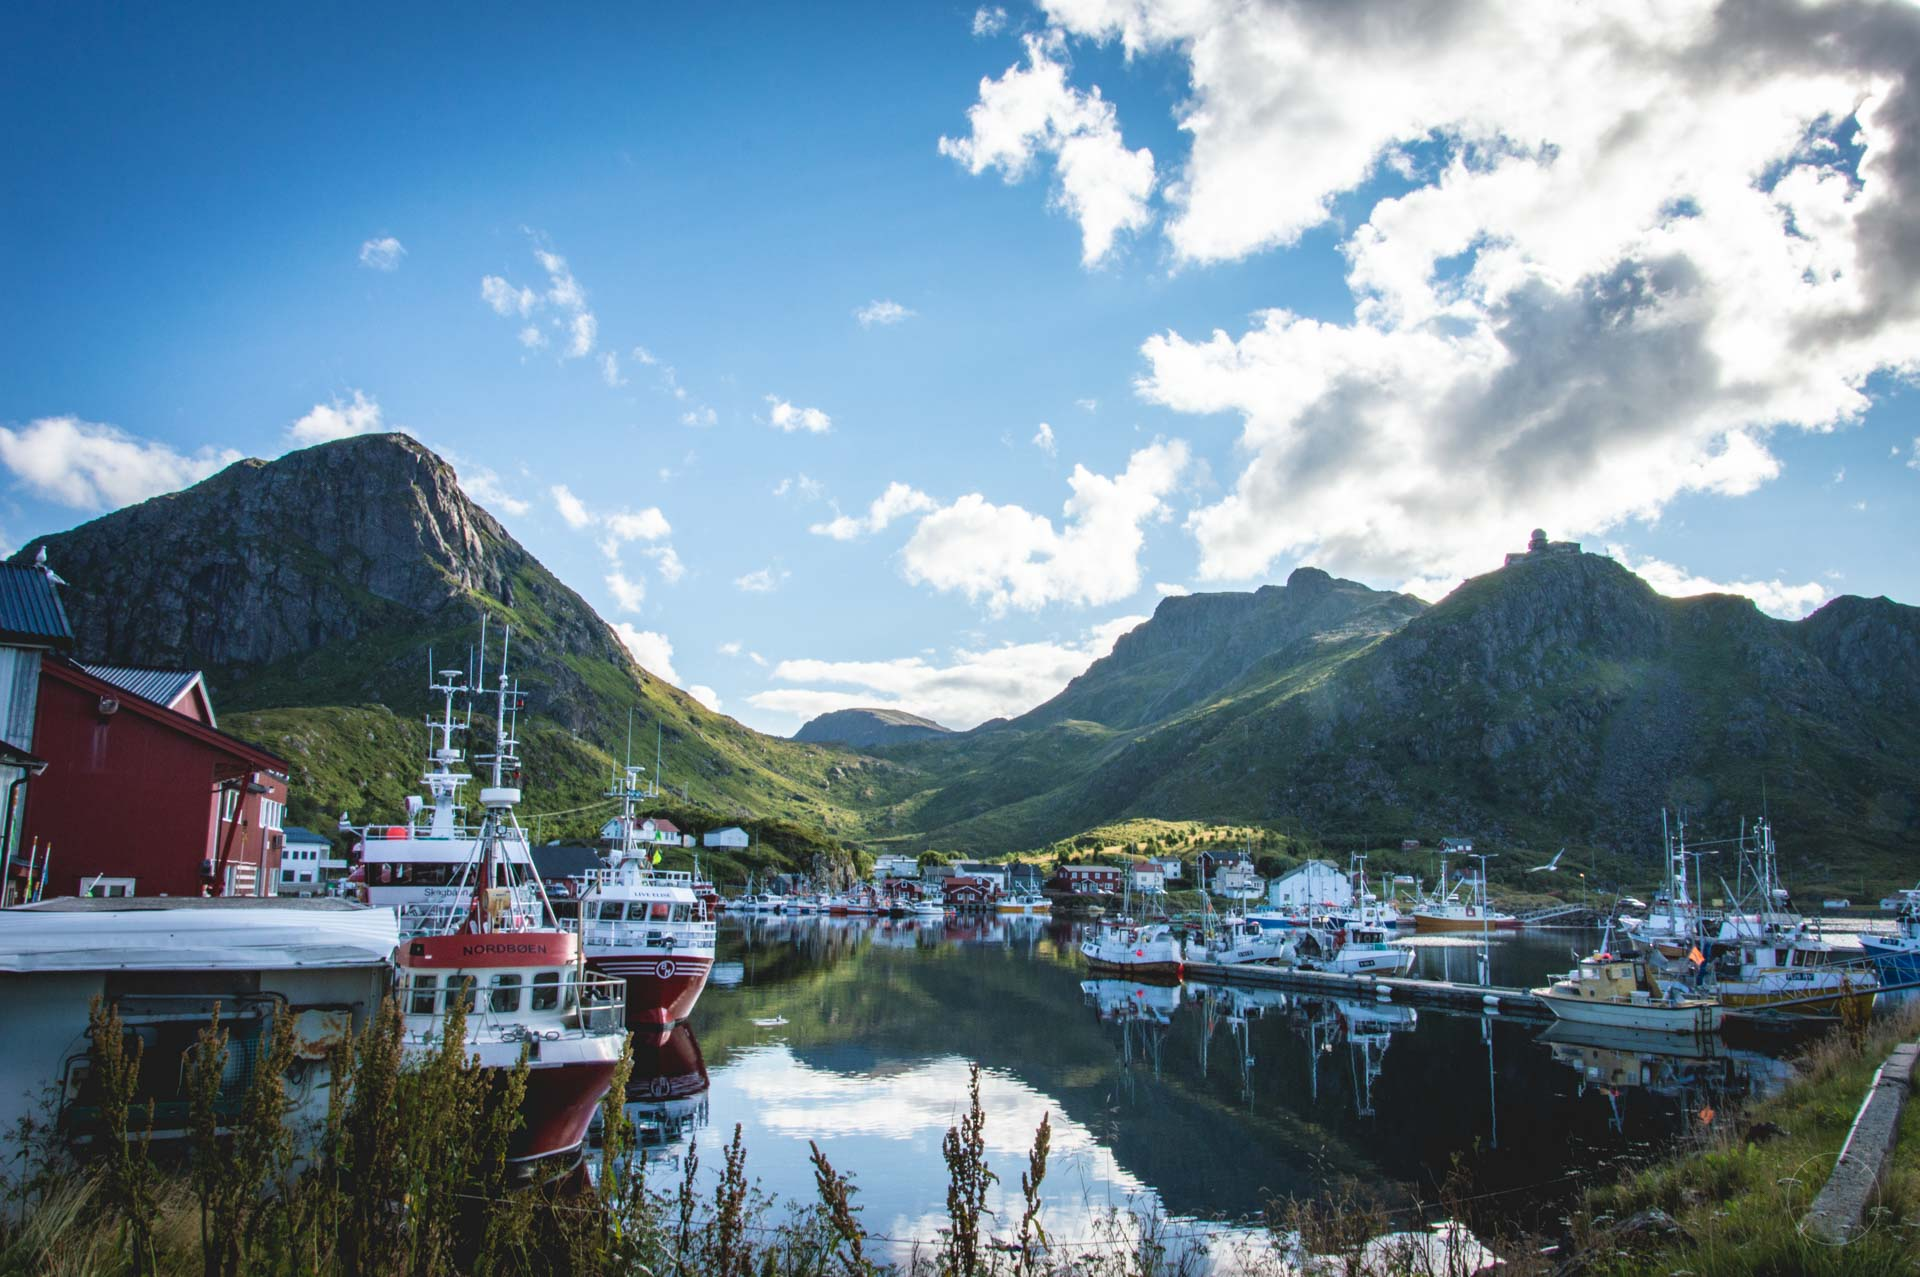 Het idyllische vissersdorpje Stø